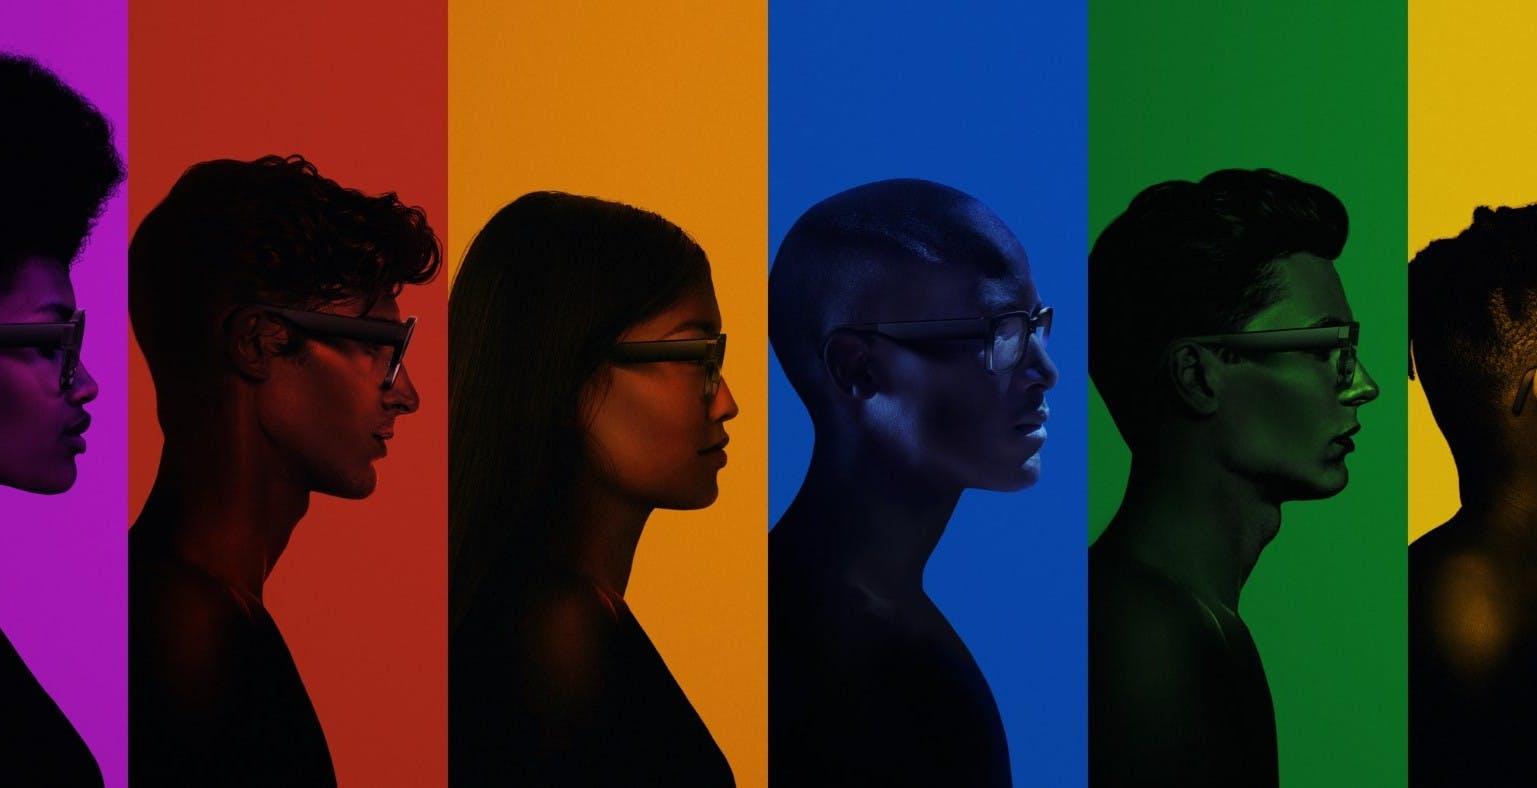 Google non rinuncia agli occhiali con realtà aumentata: acquisita North